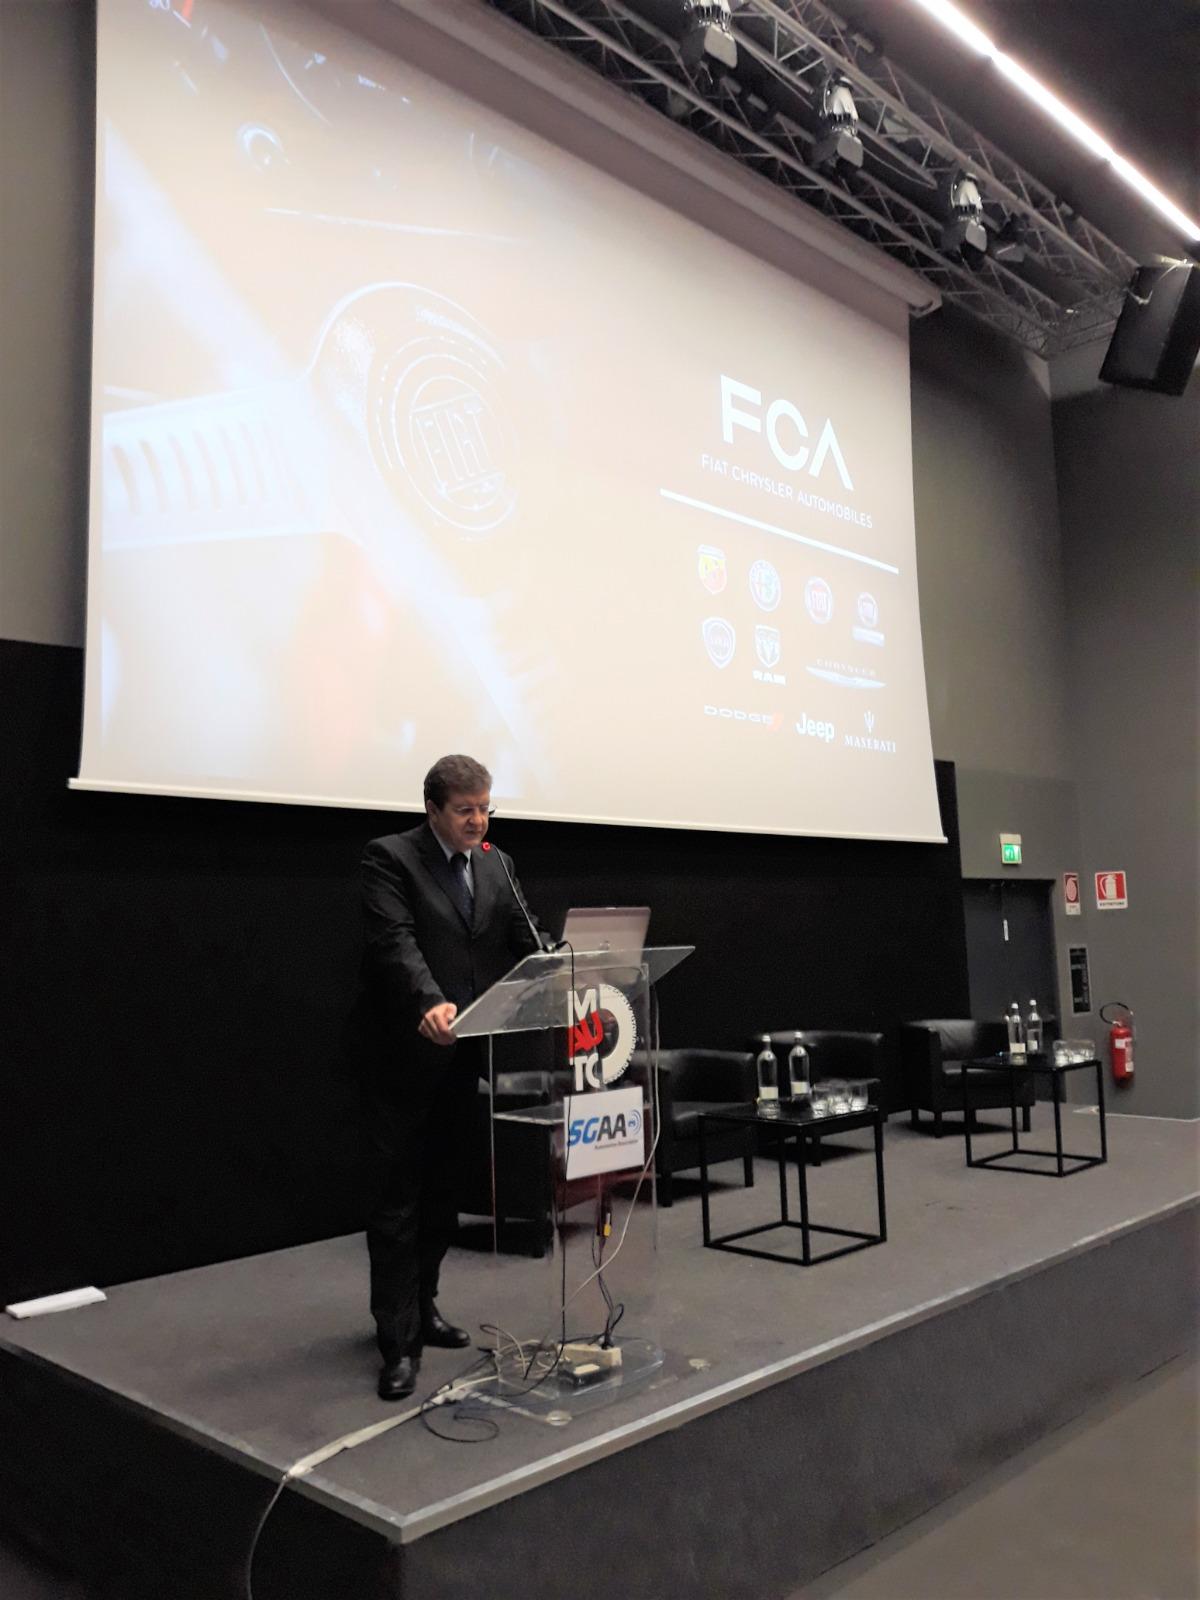 FCA 5G 5 - Tecnologia. Connected car. FCA: auto hub di servizi integrati come smartphone. 5G può rendere auto più intelligenti e sicure